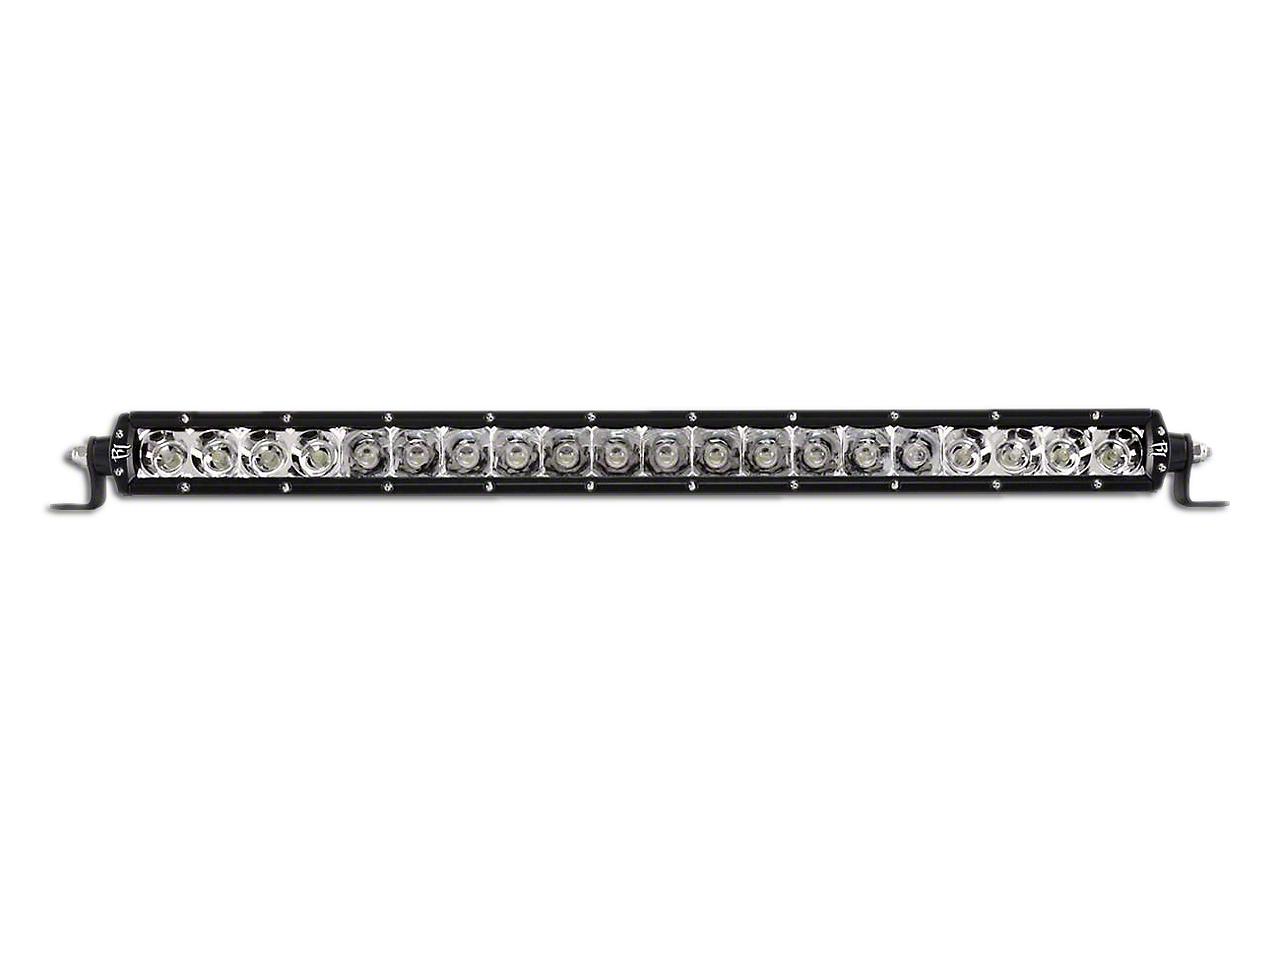 Rigid Industries 20 in. E-Mark SR-Series LED Light Bar - Flood/Spot Combo